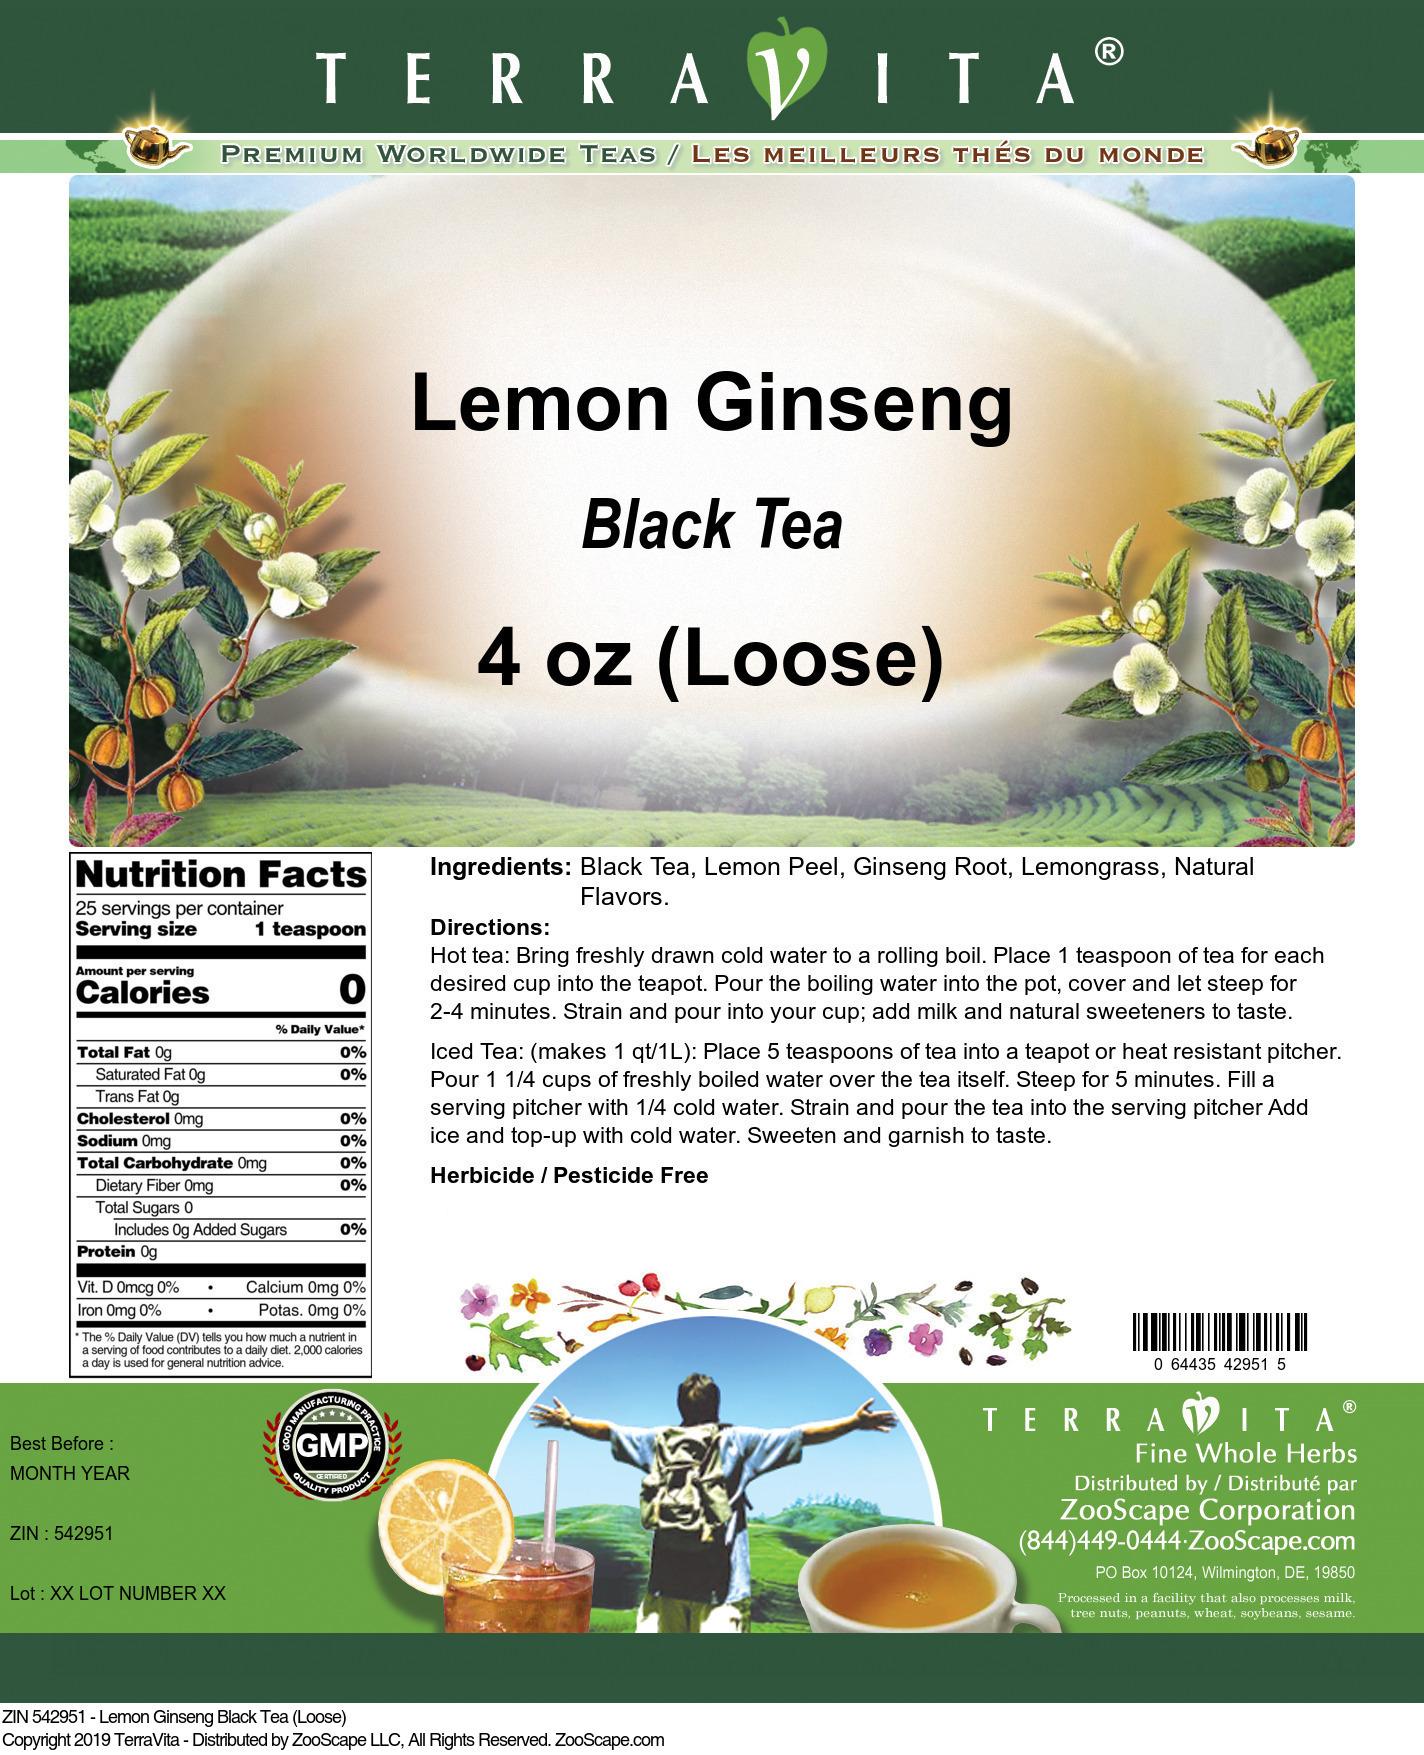 Lemon Ginseng Black Tea (Loose)